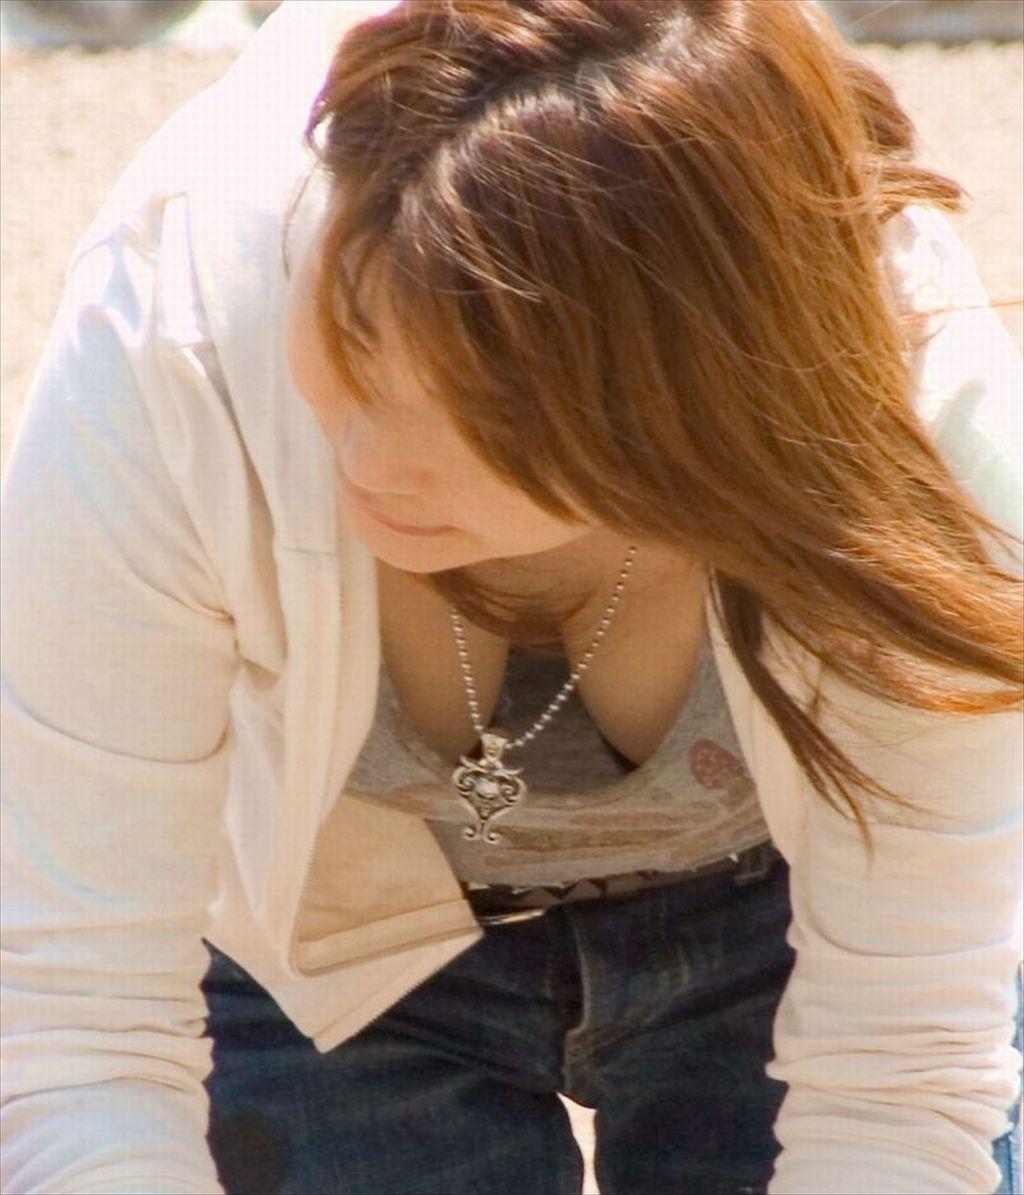 巨乳の素人さんが思いっきり胸チラ (6)